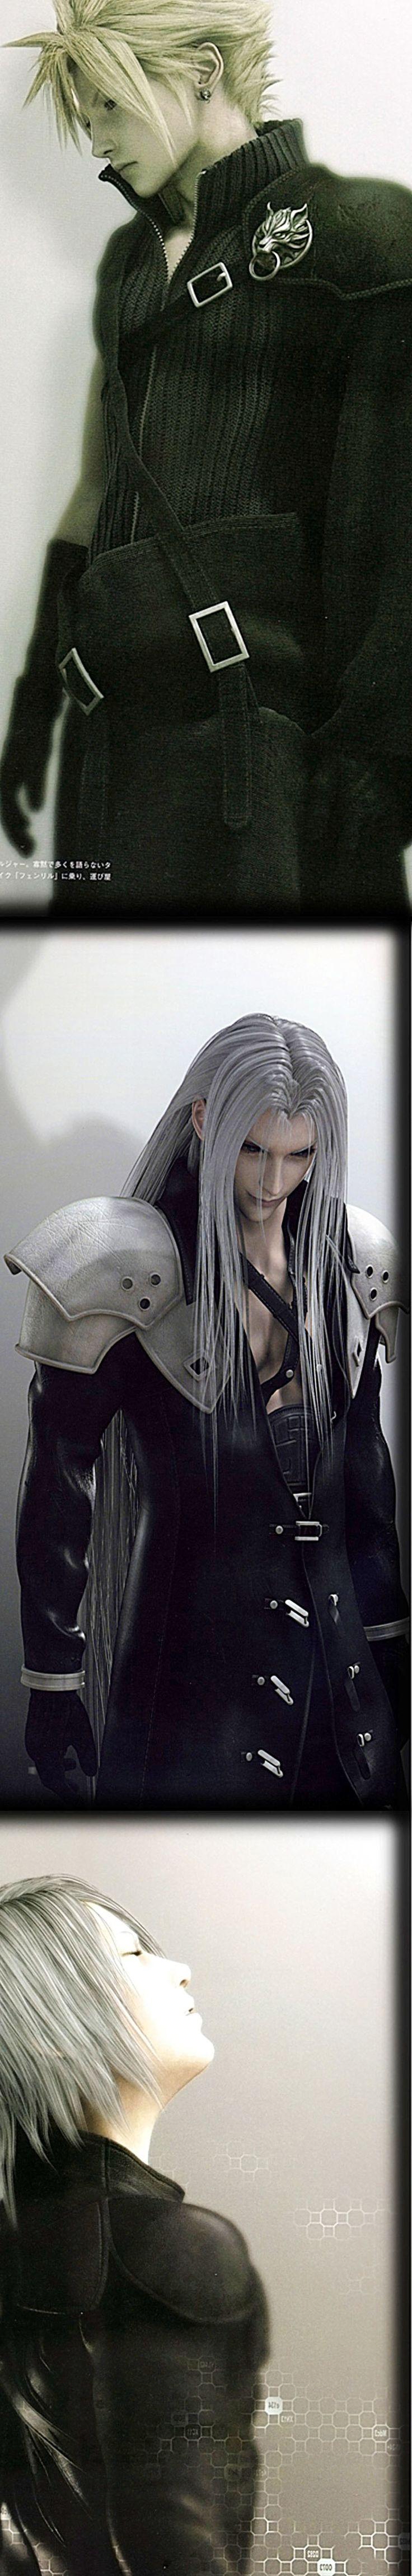 In order. Cloud, Sephiroth, and Kadaj